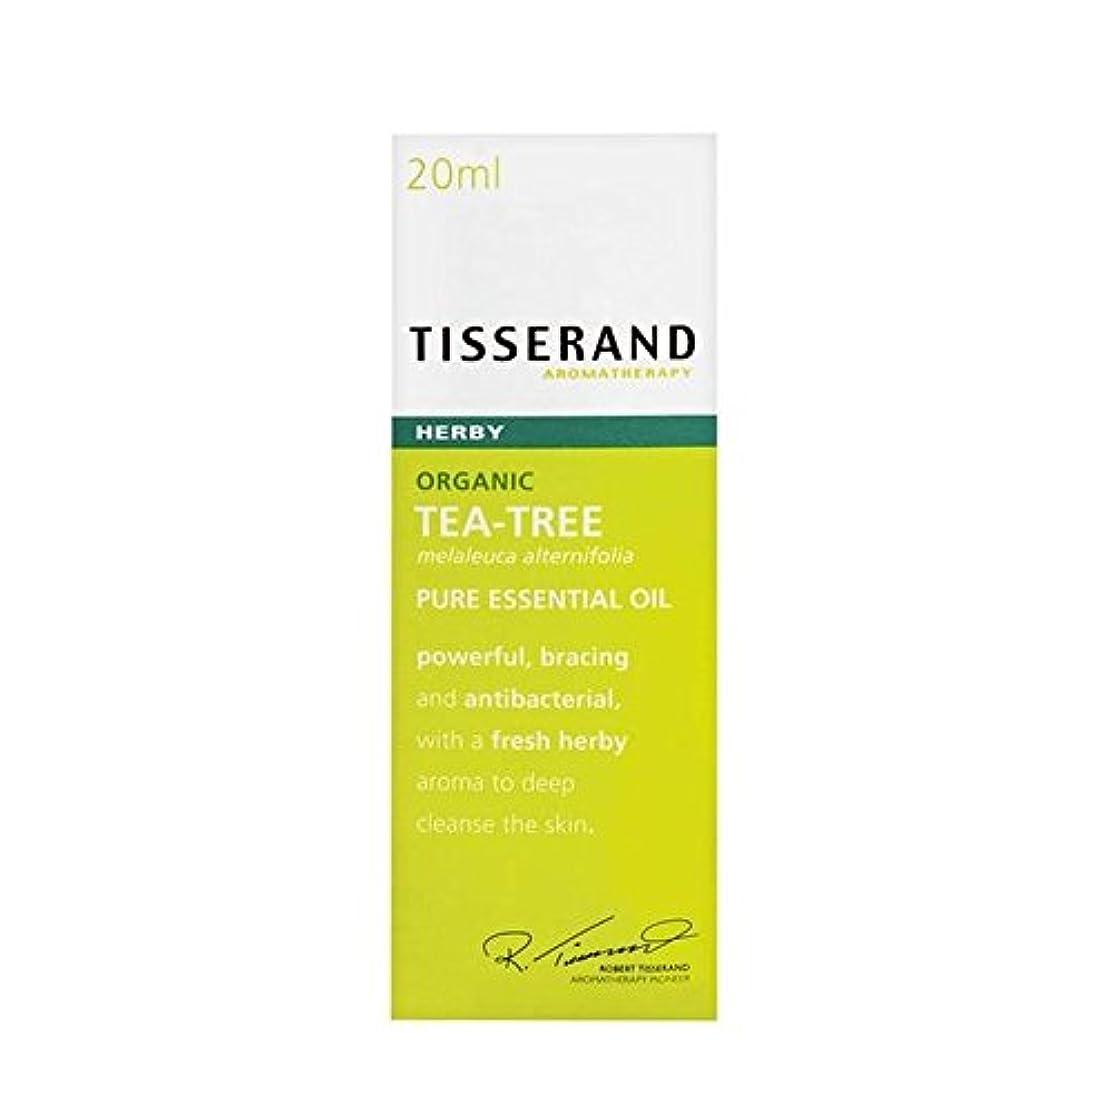 出しますエンジン姉妹Tisserand Tea Tree Organic Pure Essential Oil 20ml (Pack of 6) - ティスランドティーツリーオーガニックピュアエッセンシャルオイル20ミリリットル x6 [並行輸入品]